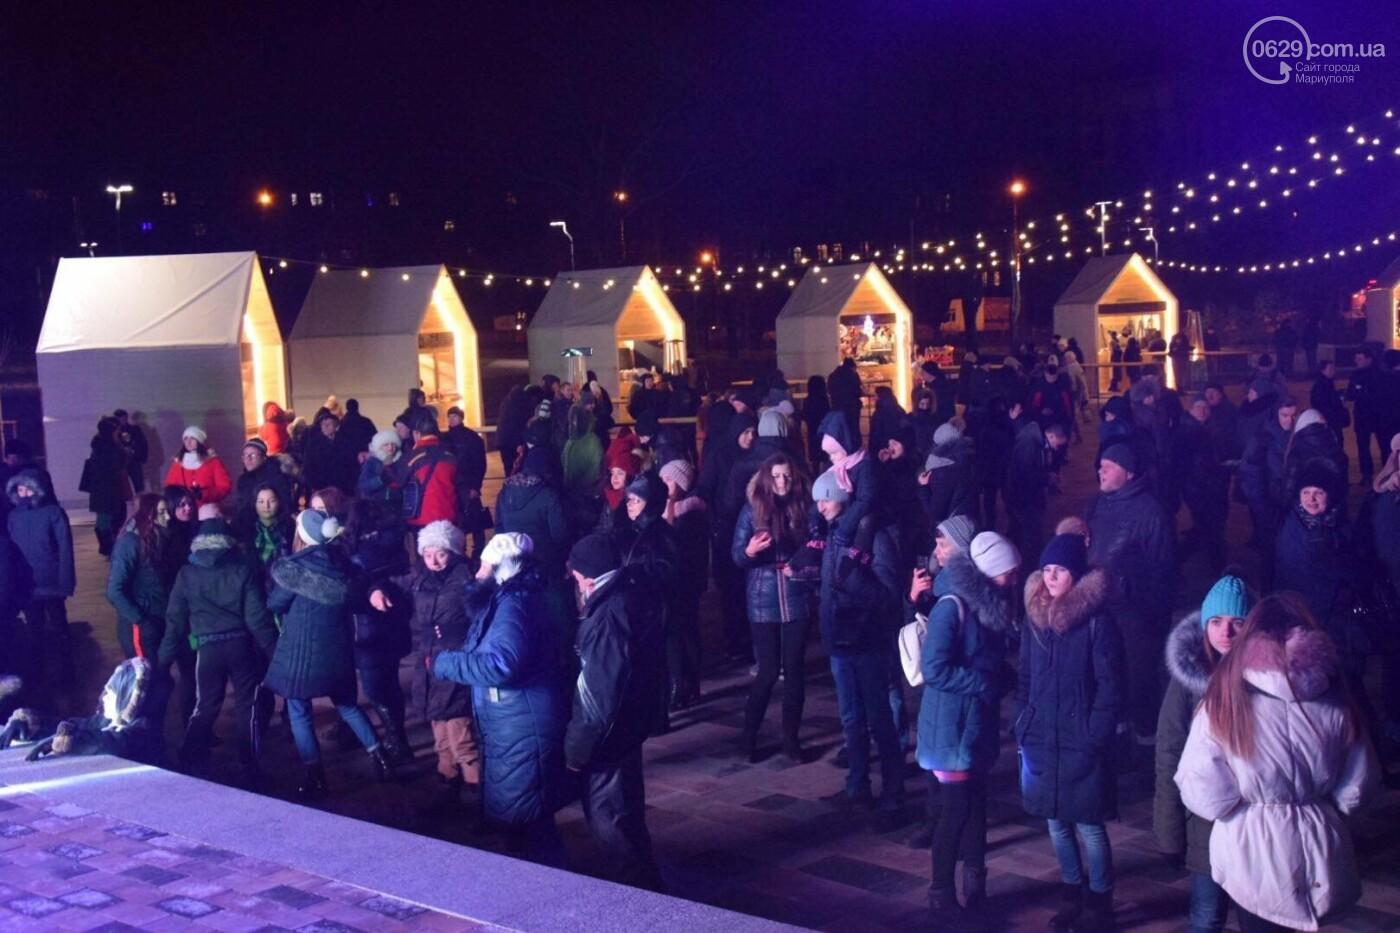 Мариупольцы отметили католическое Рождество, - ФОТО, ВИДЕО, фото-6